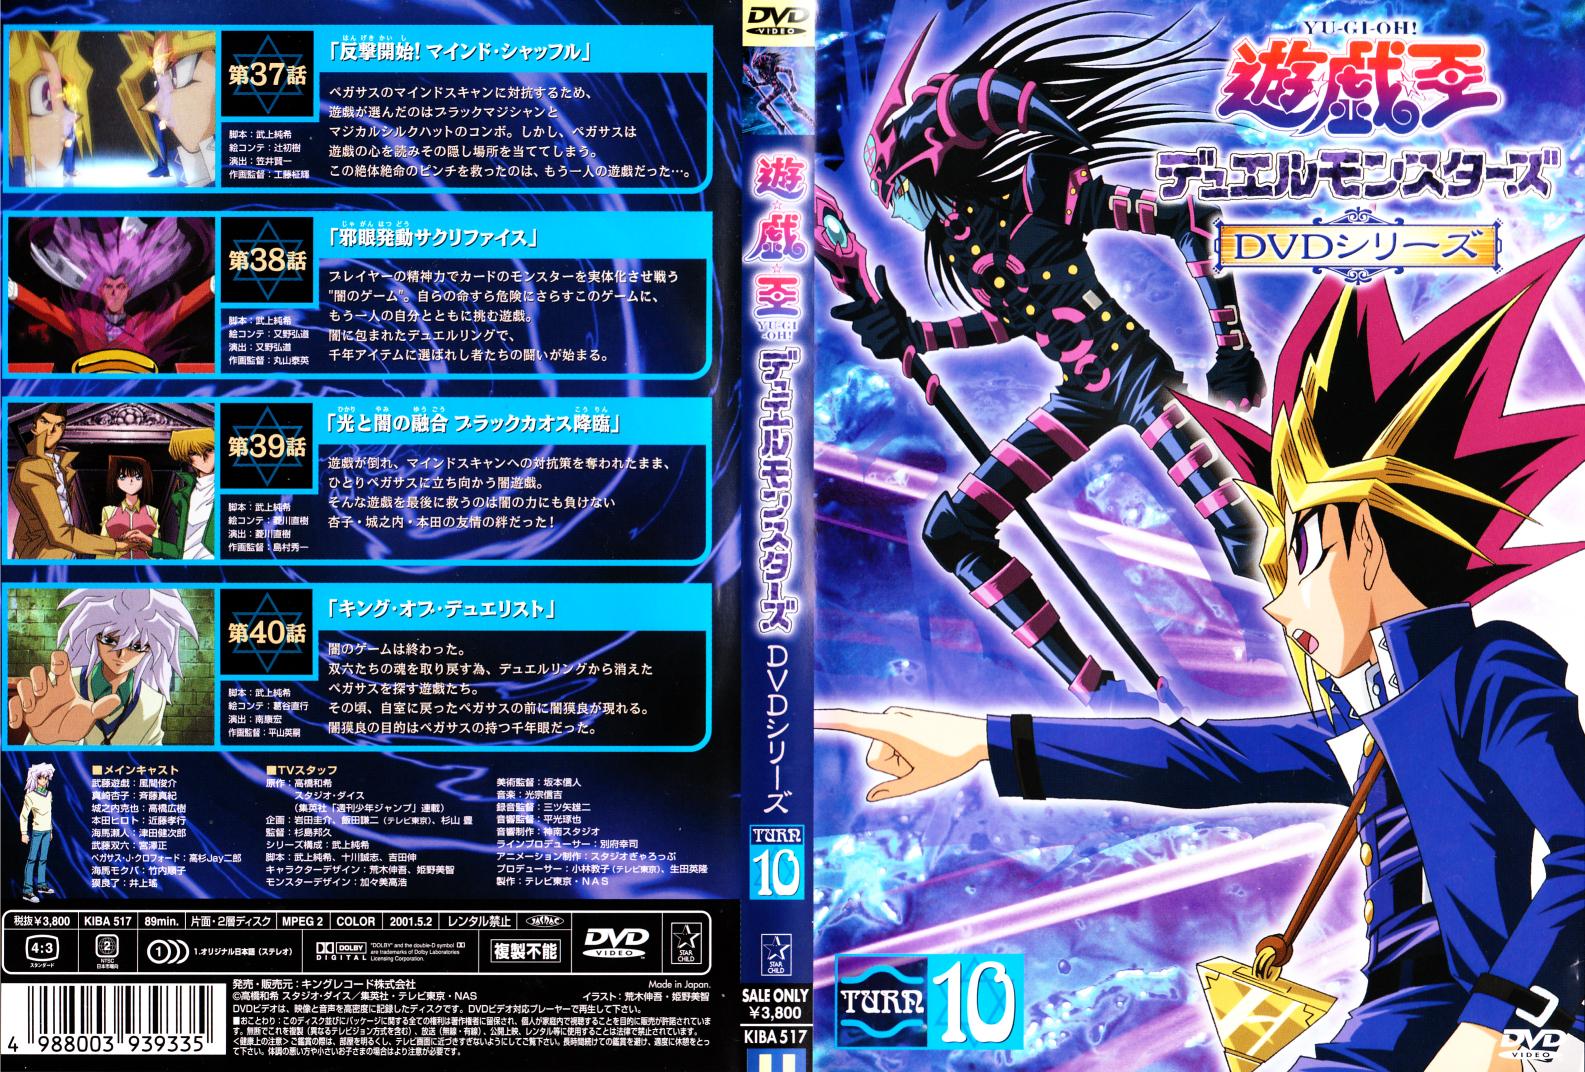 yu gi oh duel monsters image 1816163 zerochan anime image board